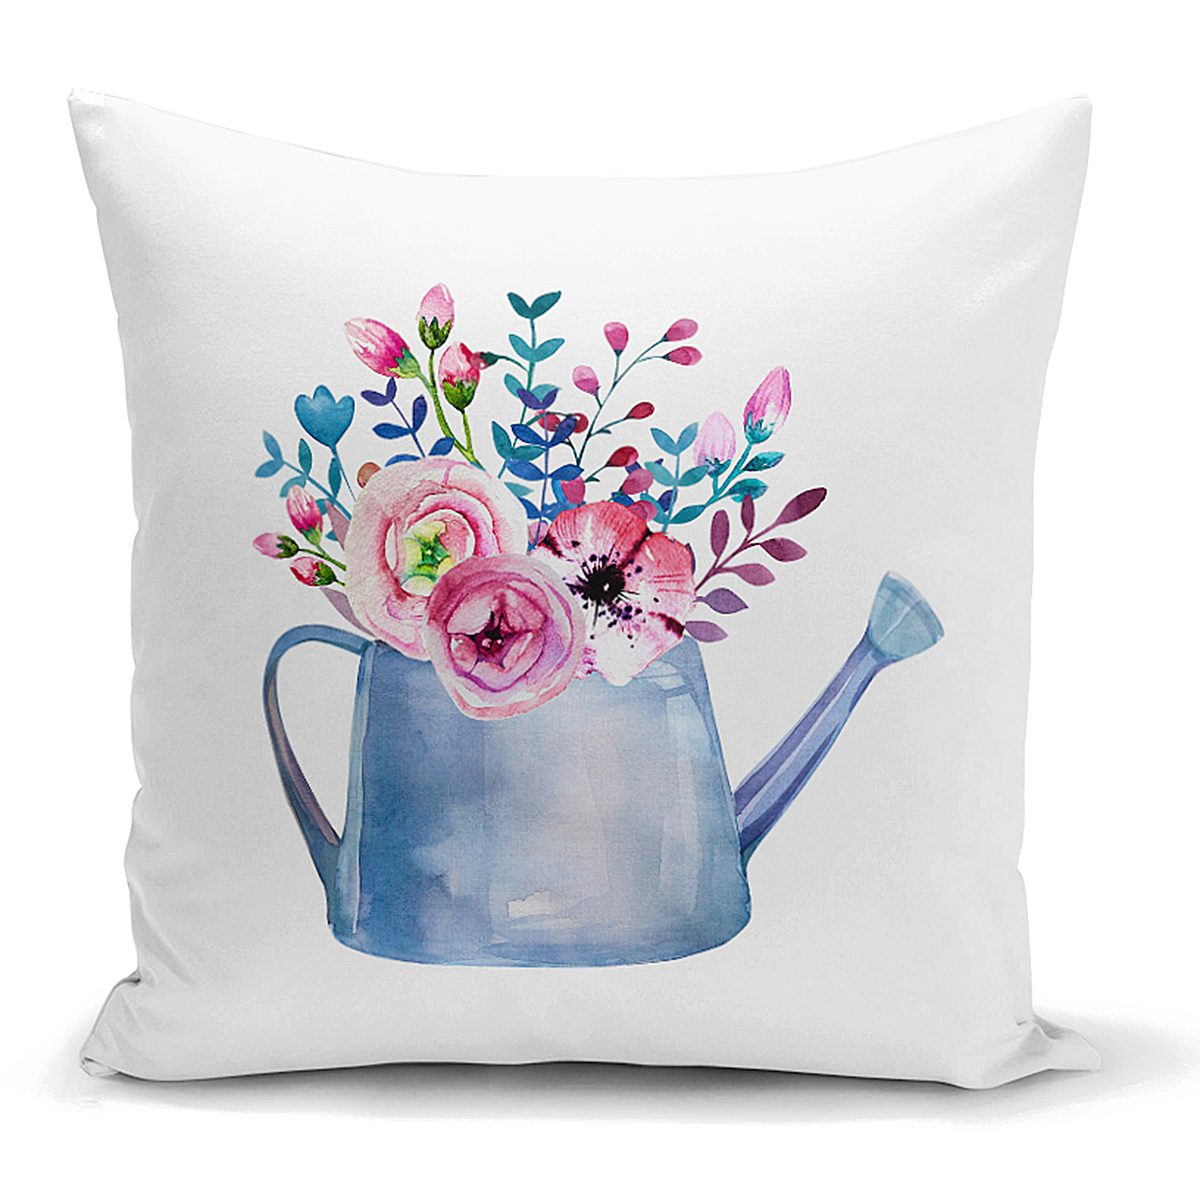 Sulu Boyalı Çiçek Desenli Dijital Baskılı Dekoratif Kırlent Kılıfı Realhomes